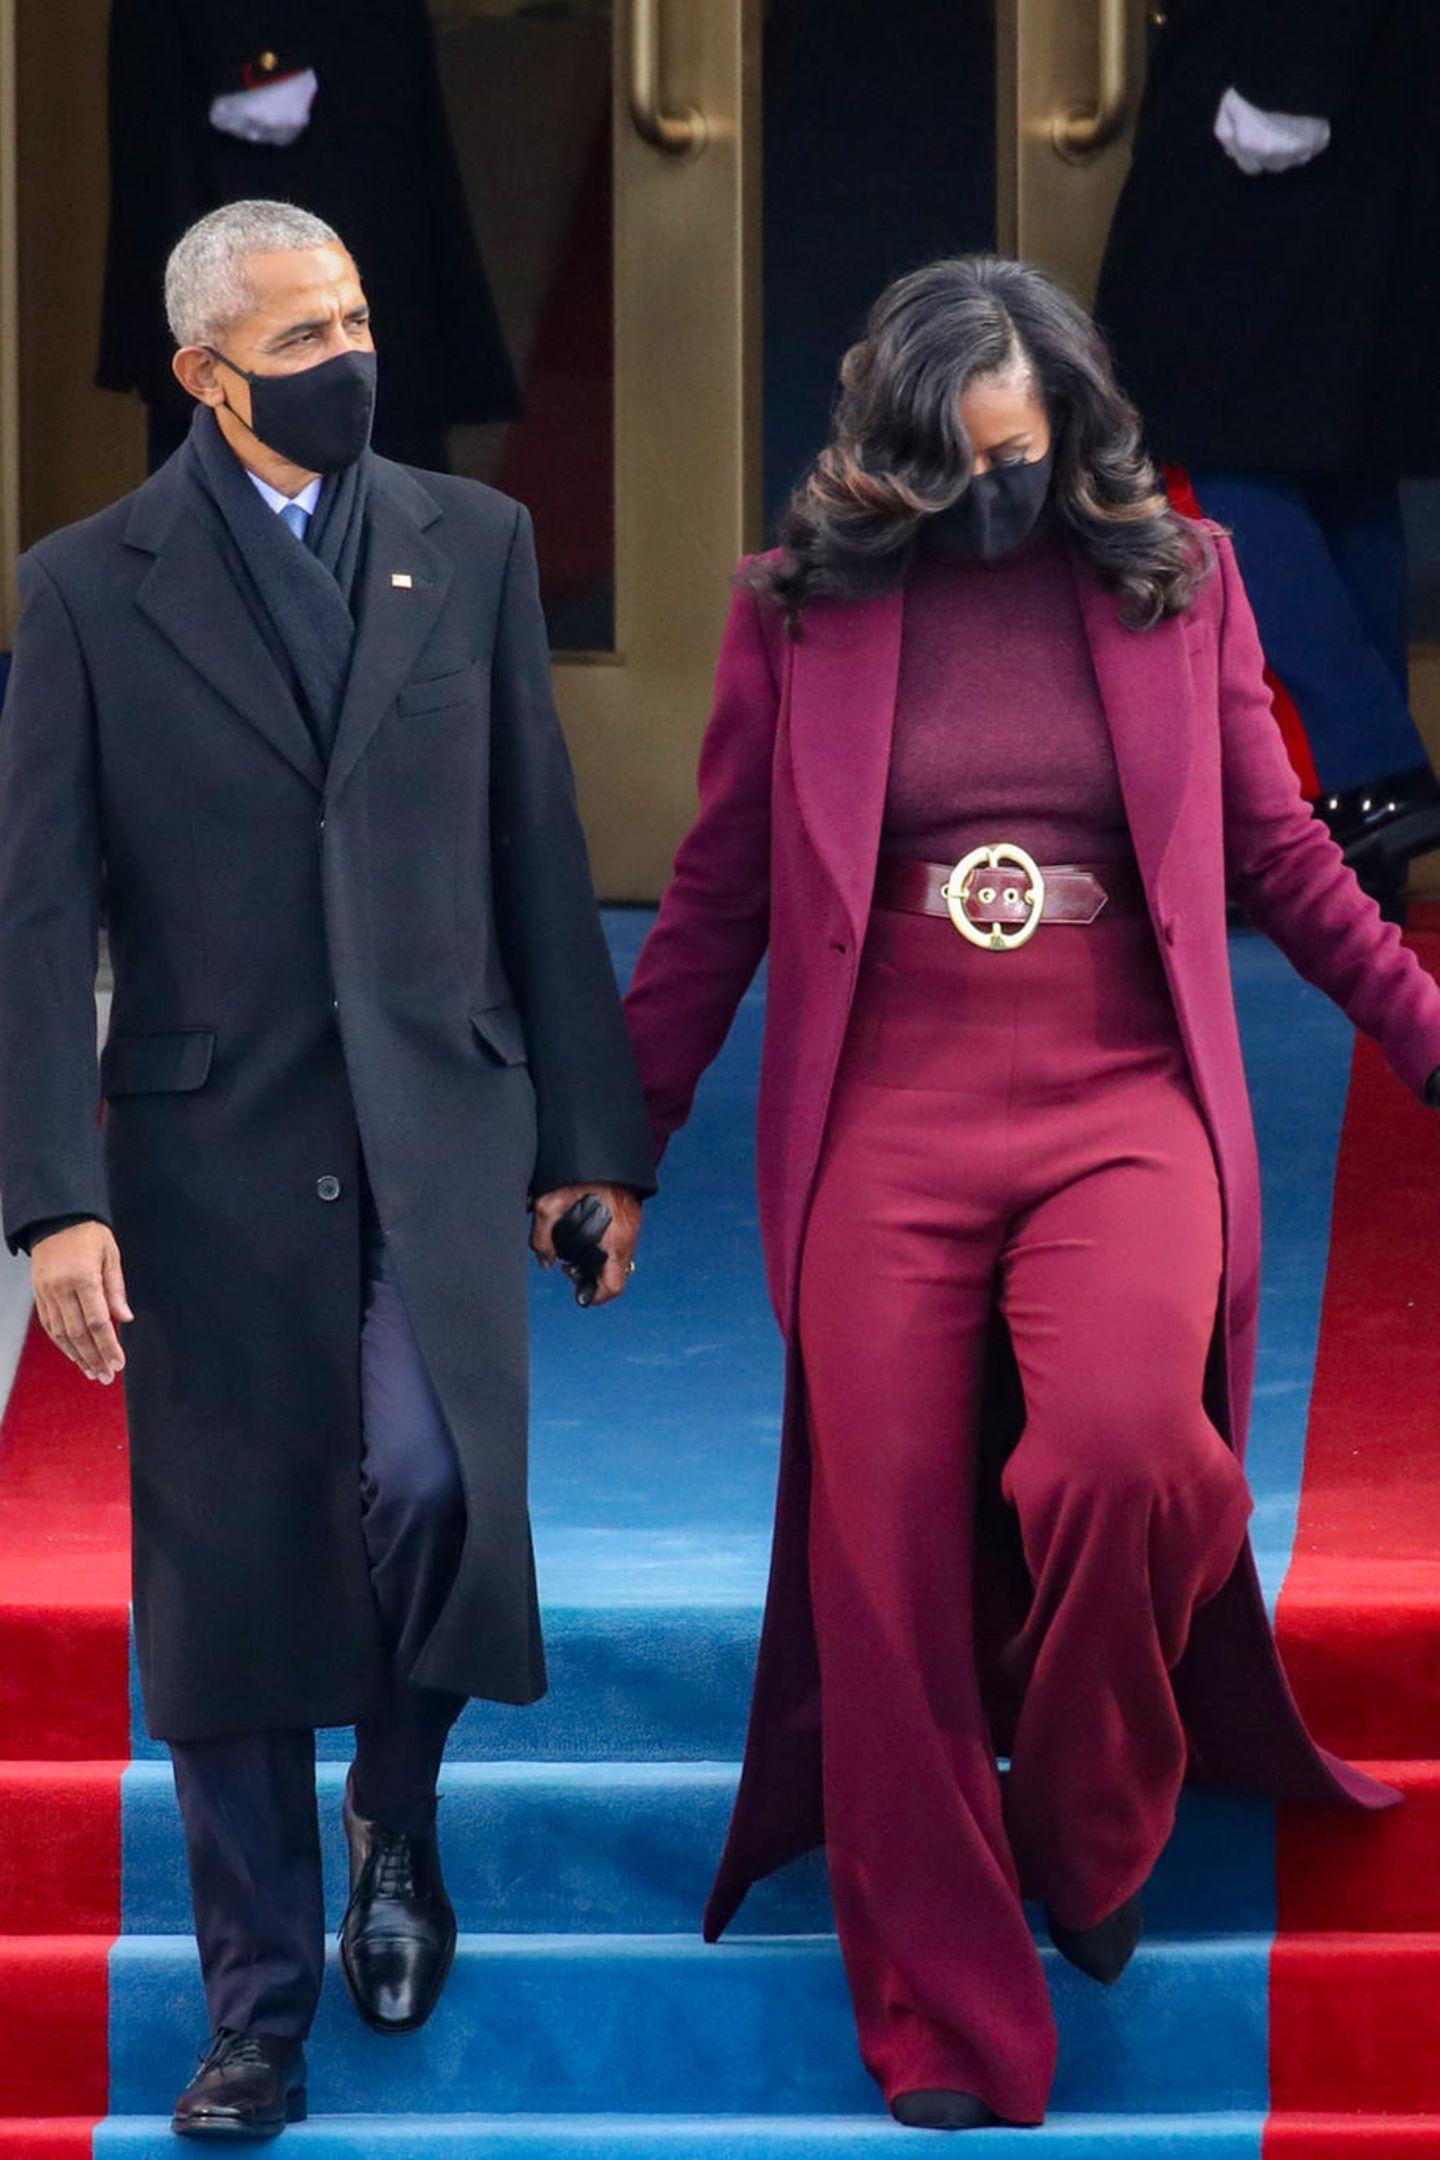 Dieser Look von Michelle Obama lässt uns sprachlos werden:Sie trägt bei der Amtseinführung von Joe Biden als US-Präsident eine atemberaubende weinrote Kombination aus Rollkragenshirt, weiter Palazzohose, Maxi-Mantel und auffälligem Gürtel des US-amerikanischen Designers Sergio Hudson.